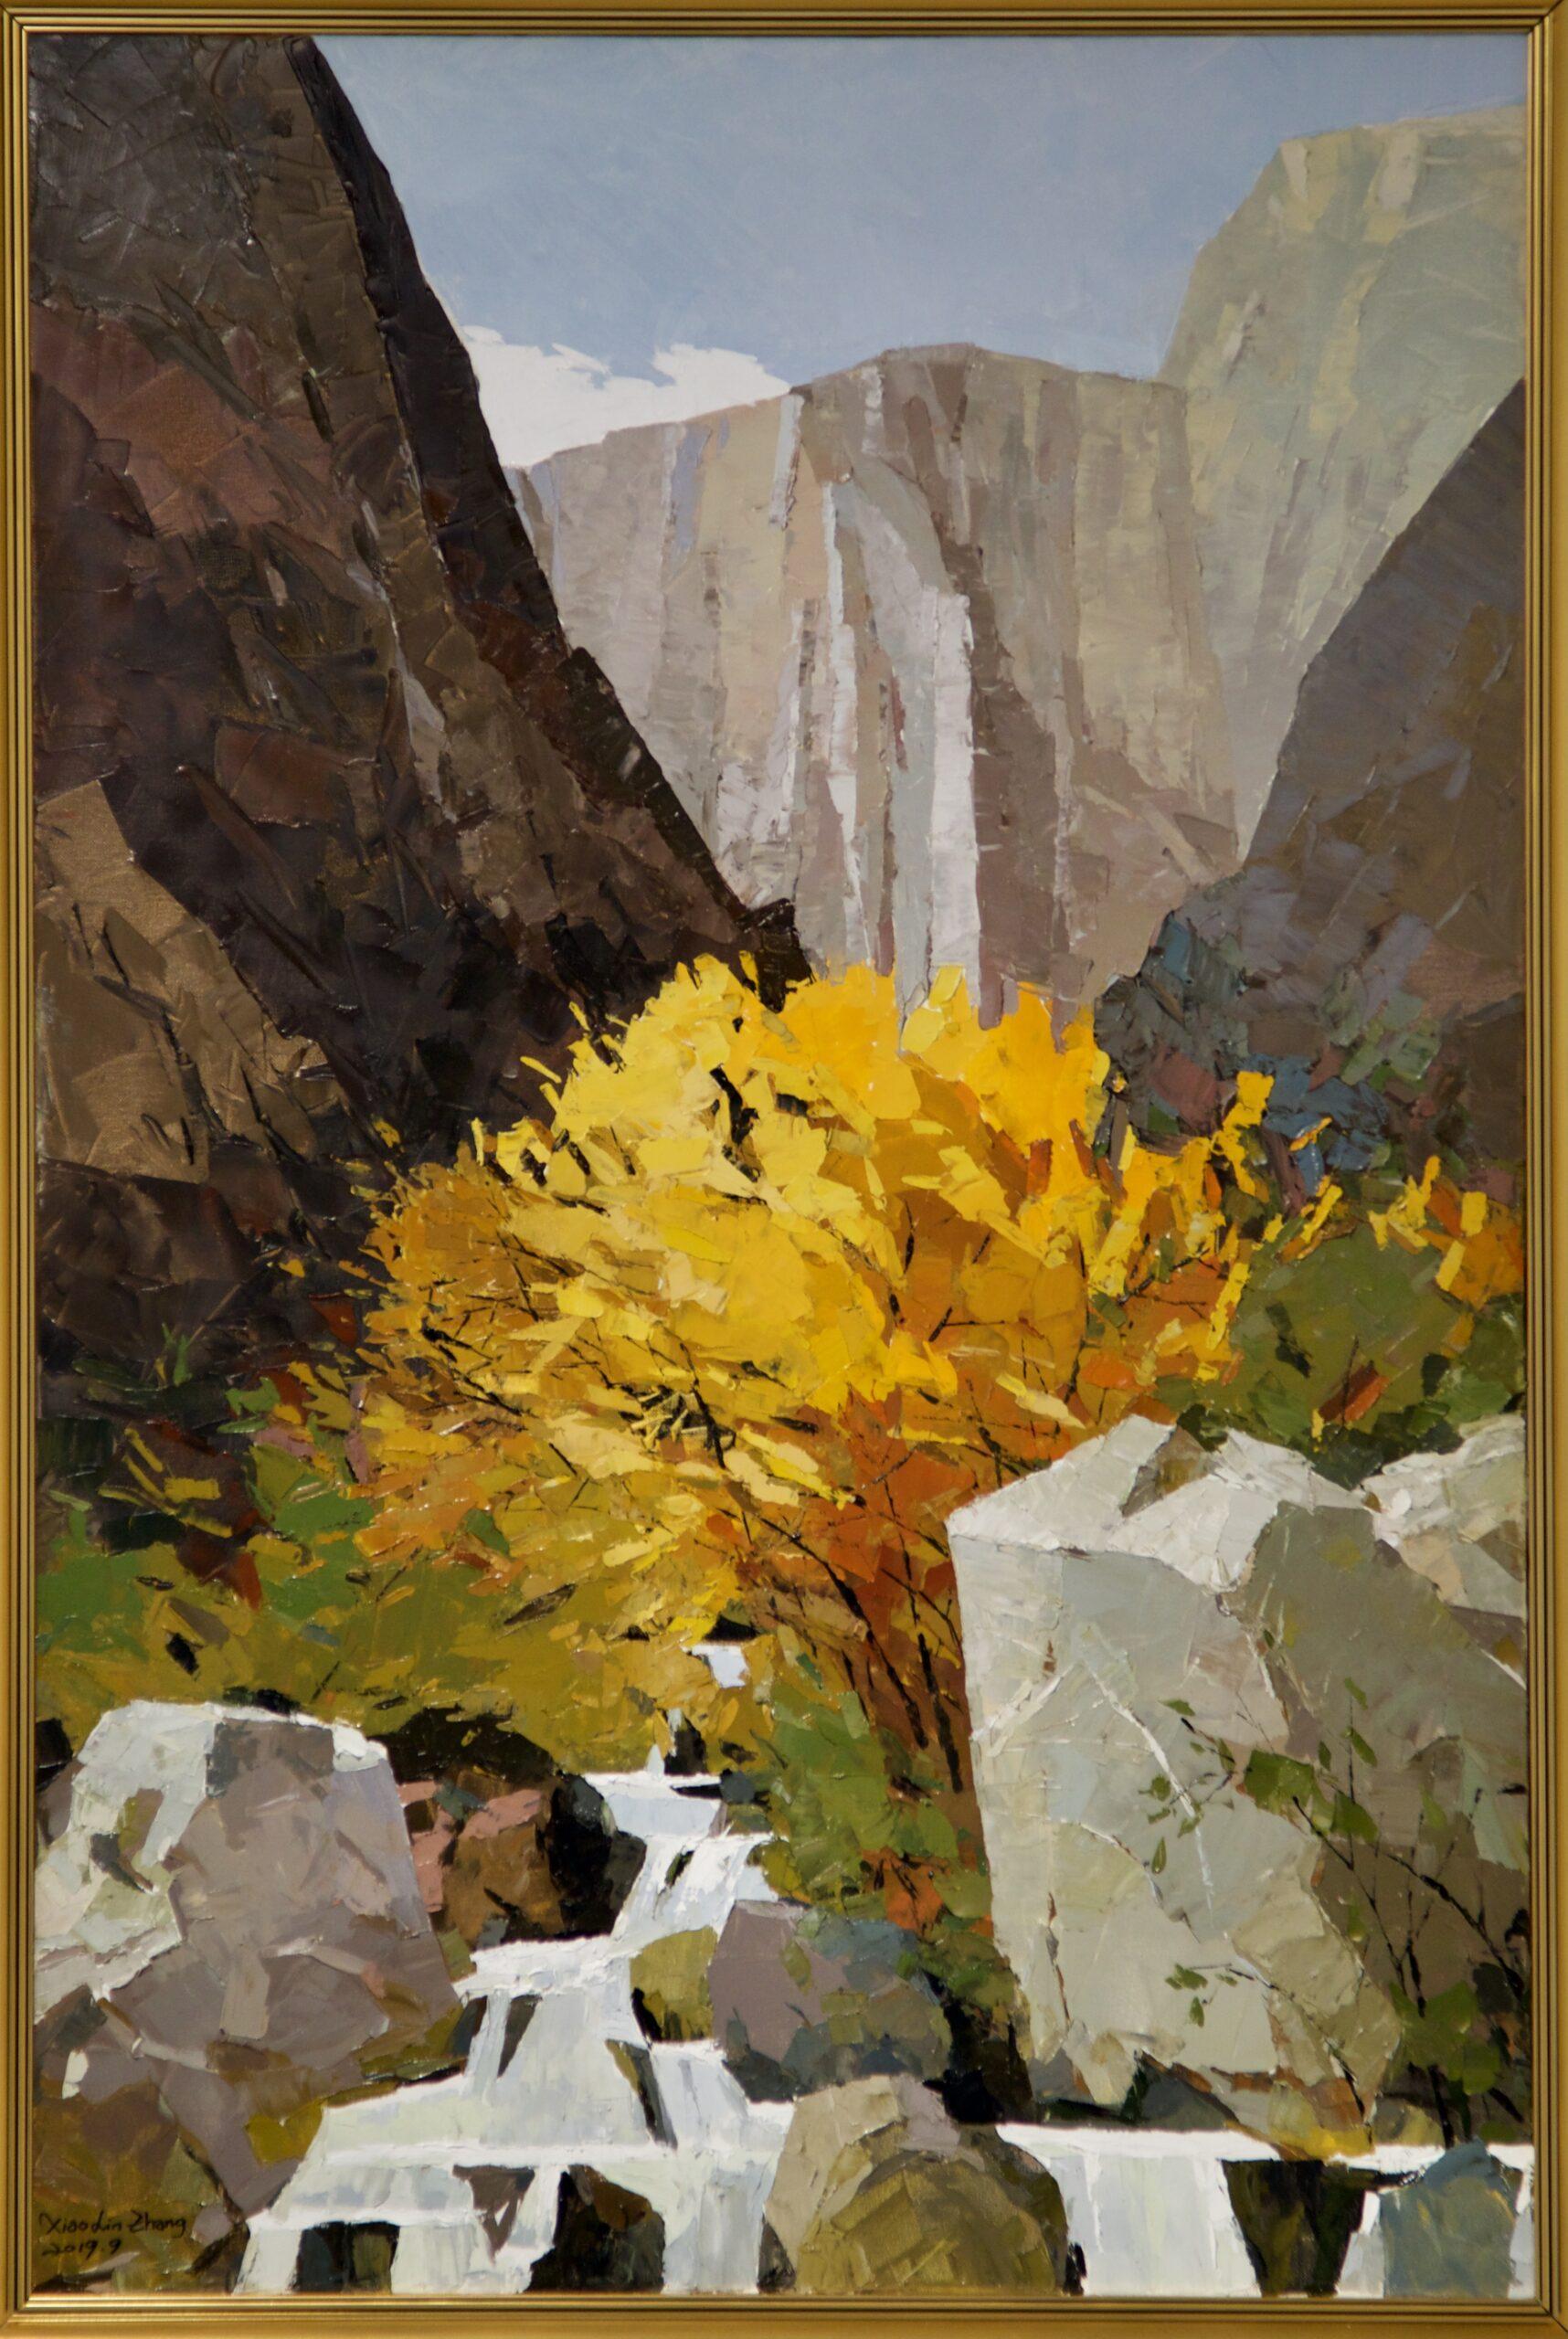 Valley's Autumn